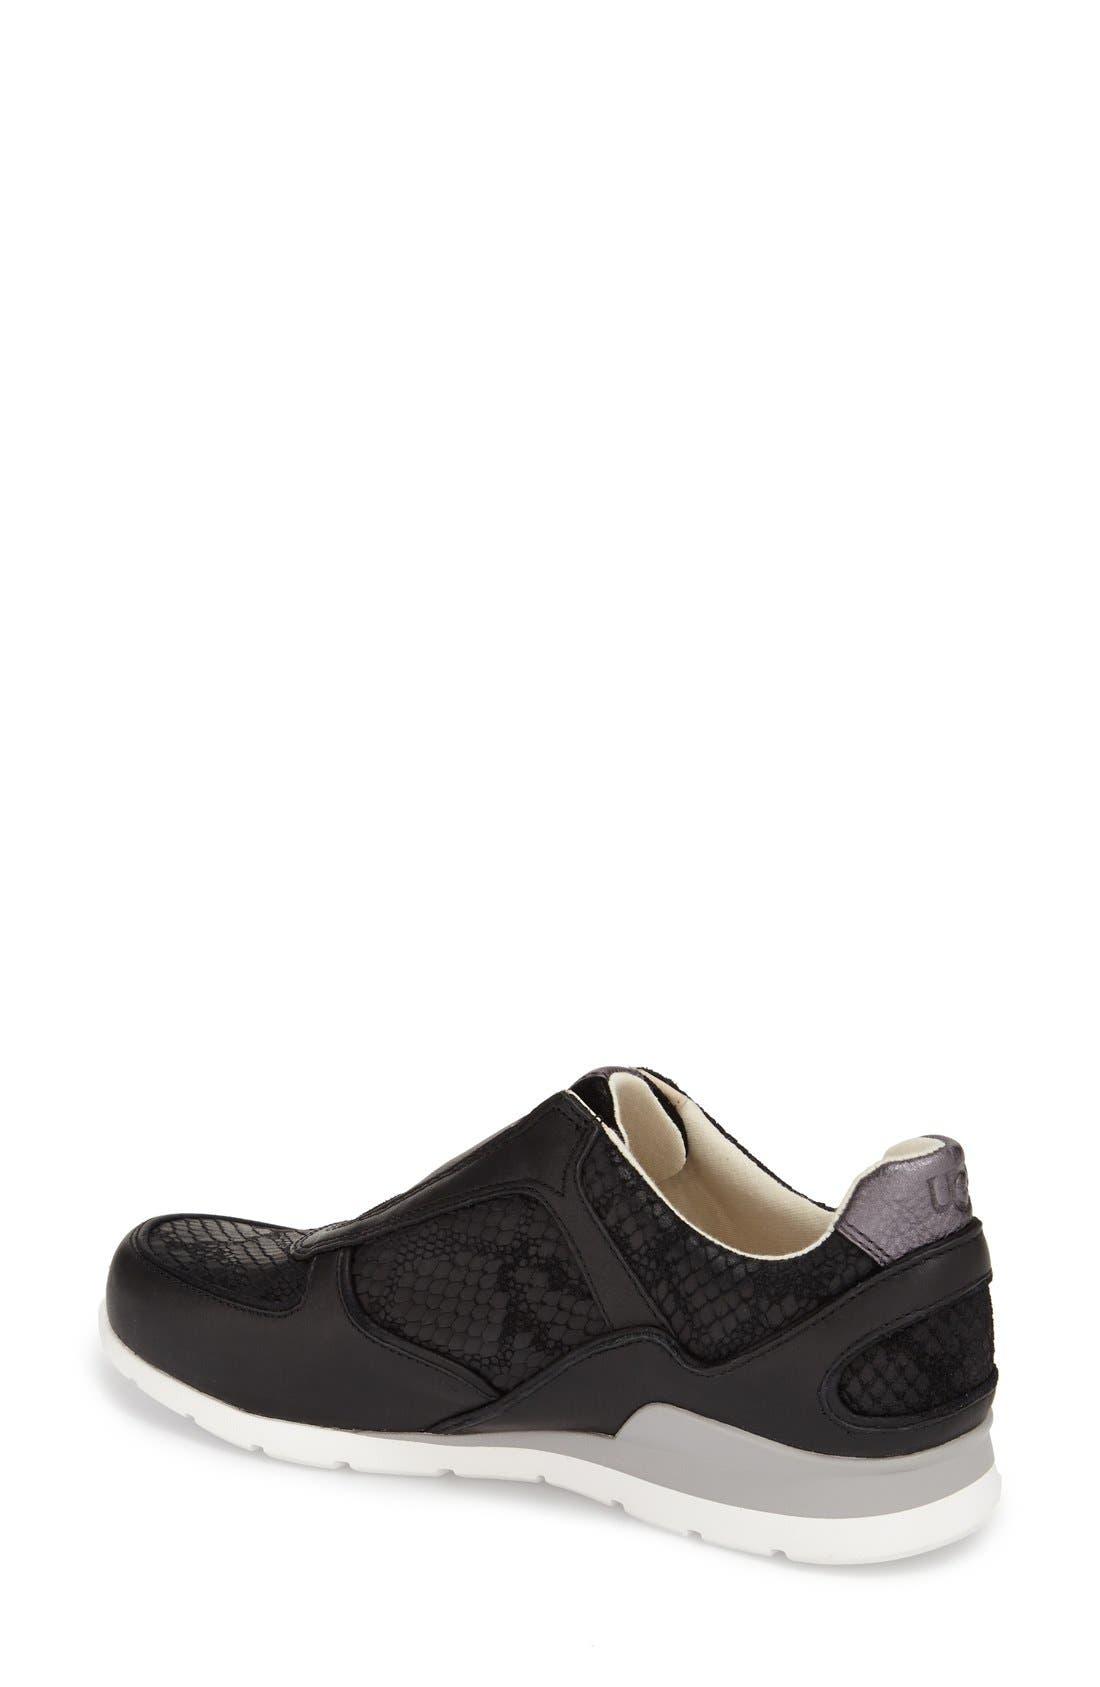 Alternate Image 3  - UGG® 'Annetta' Slip-On Sneaker (Women)